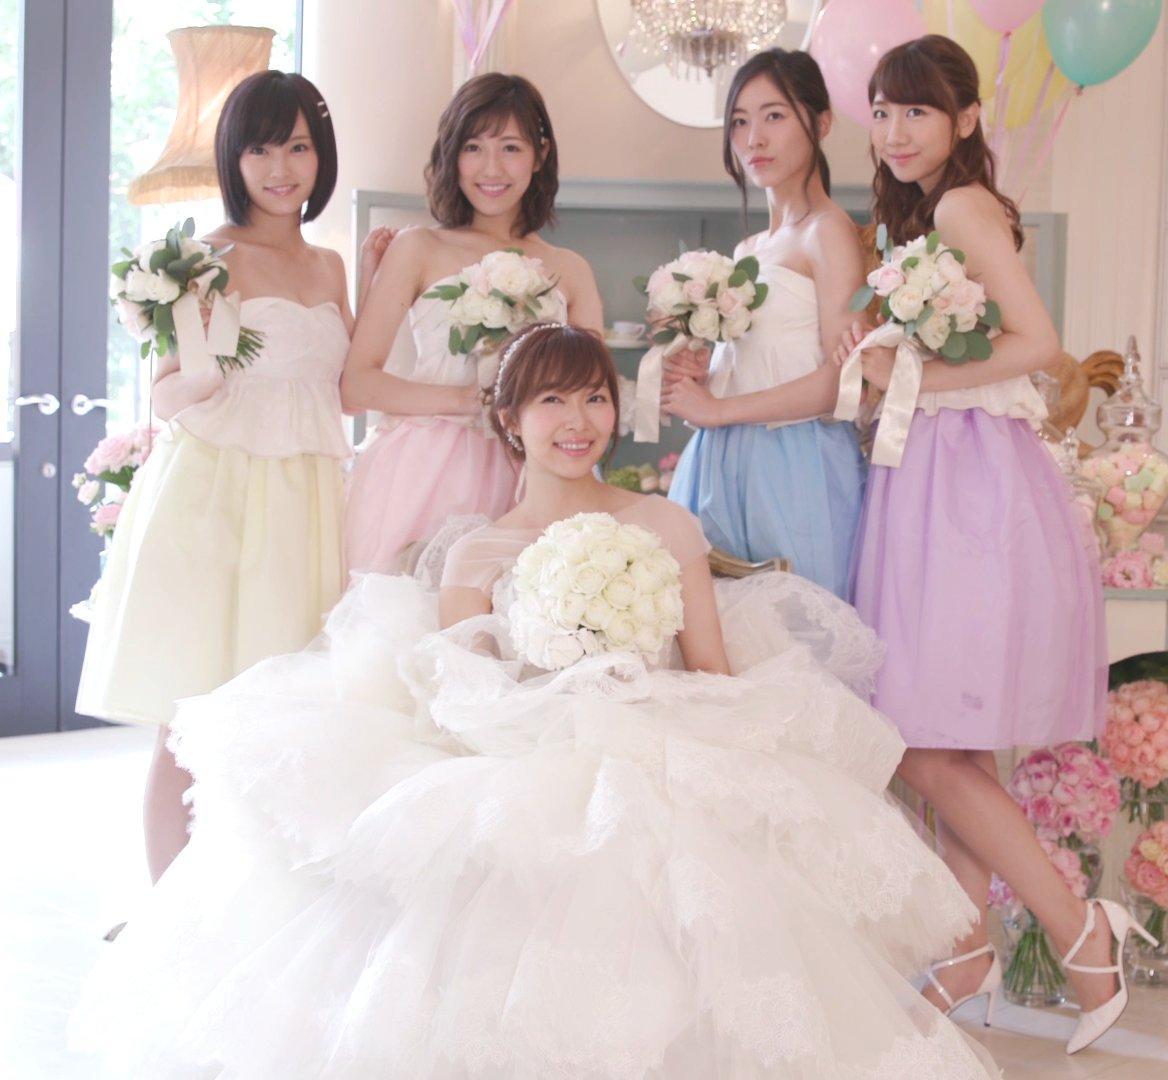 指原&ノブコブ吉村、AKB新曲MVで挙式&披露宴 メンバーも祝福 #AKB48 @345__chan…